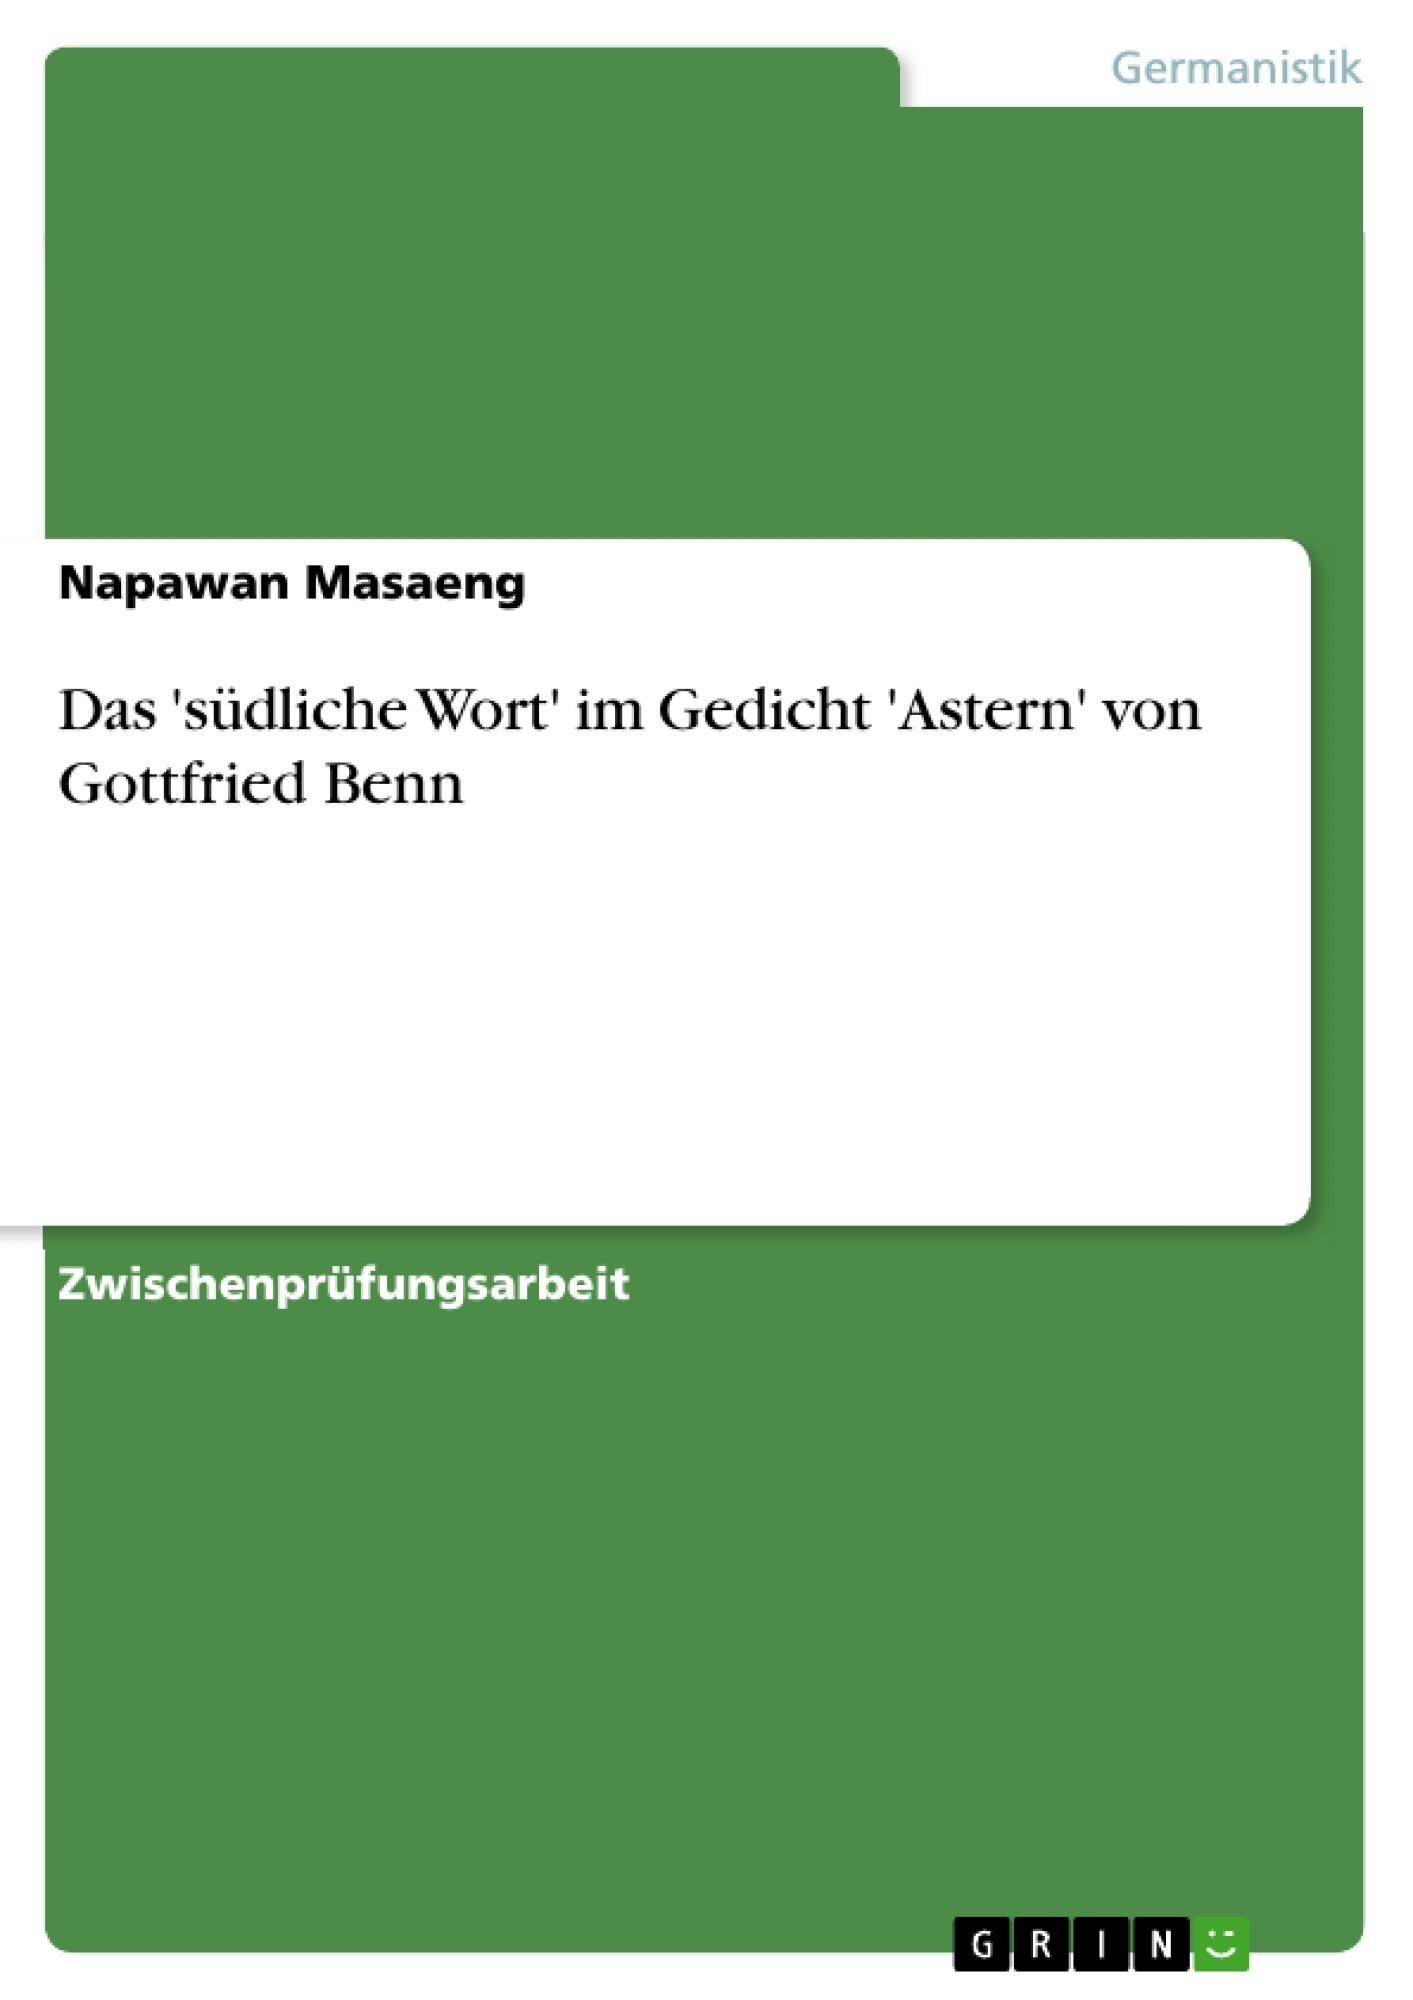 Titel: Das 'südliche Wort' im Gedicht 'Astern' von Gottfried Benn